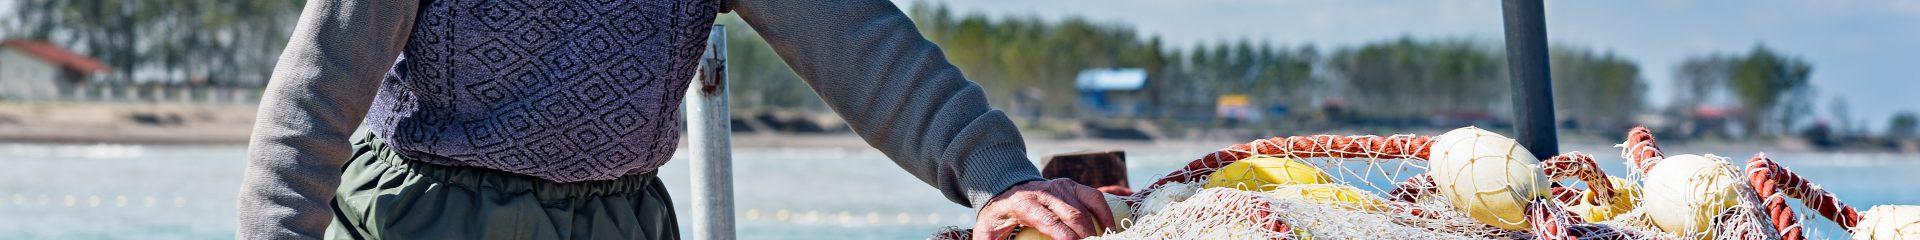 homem velho a segurar redes de pesca em barco